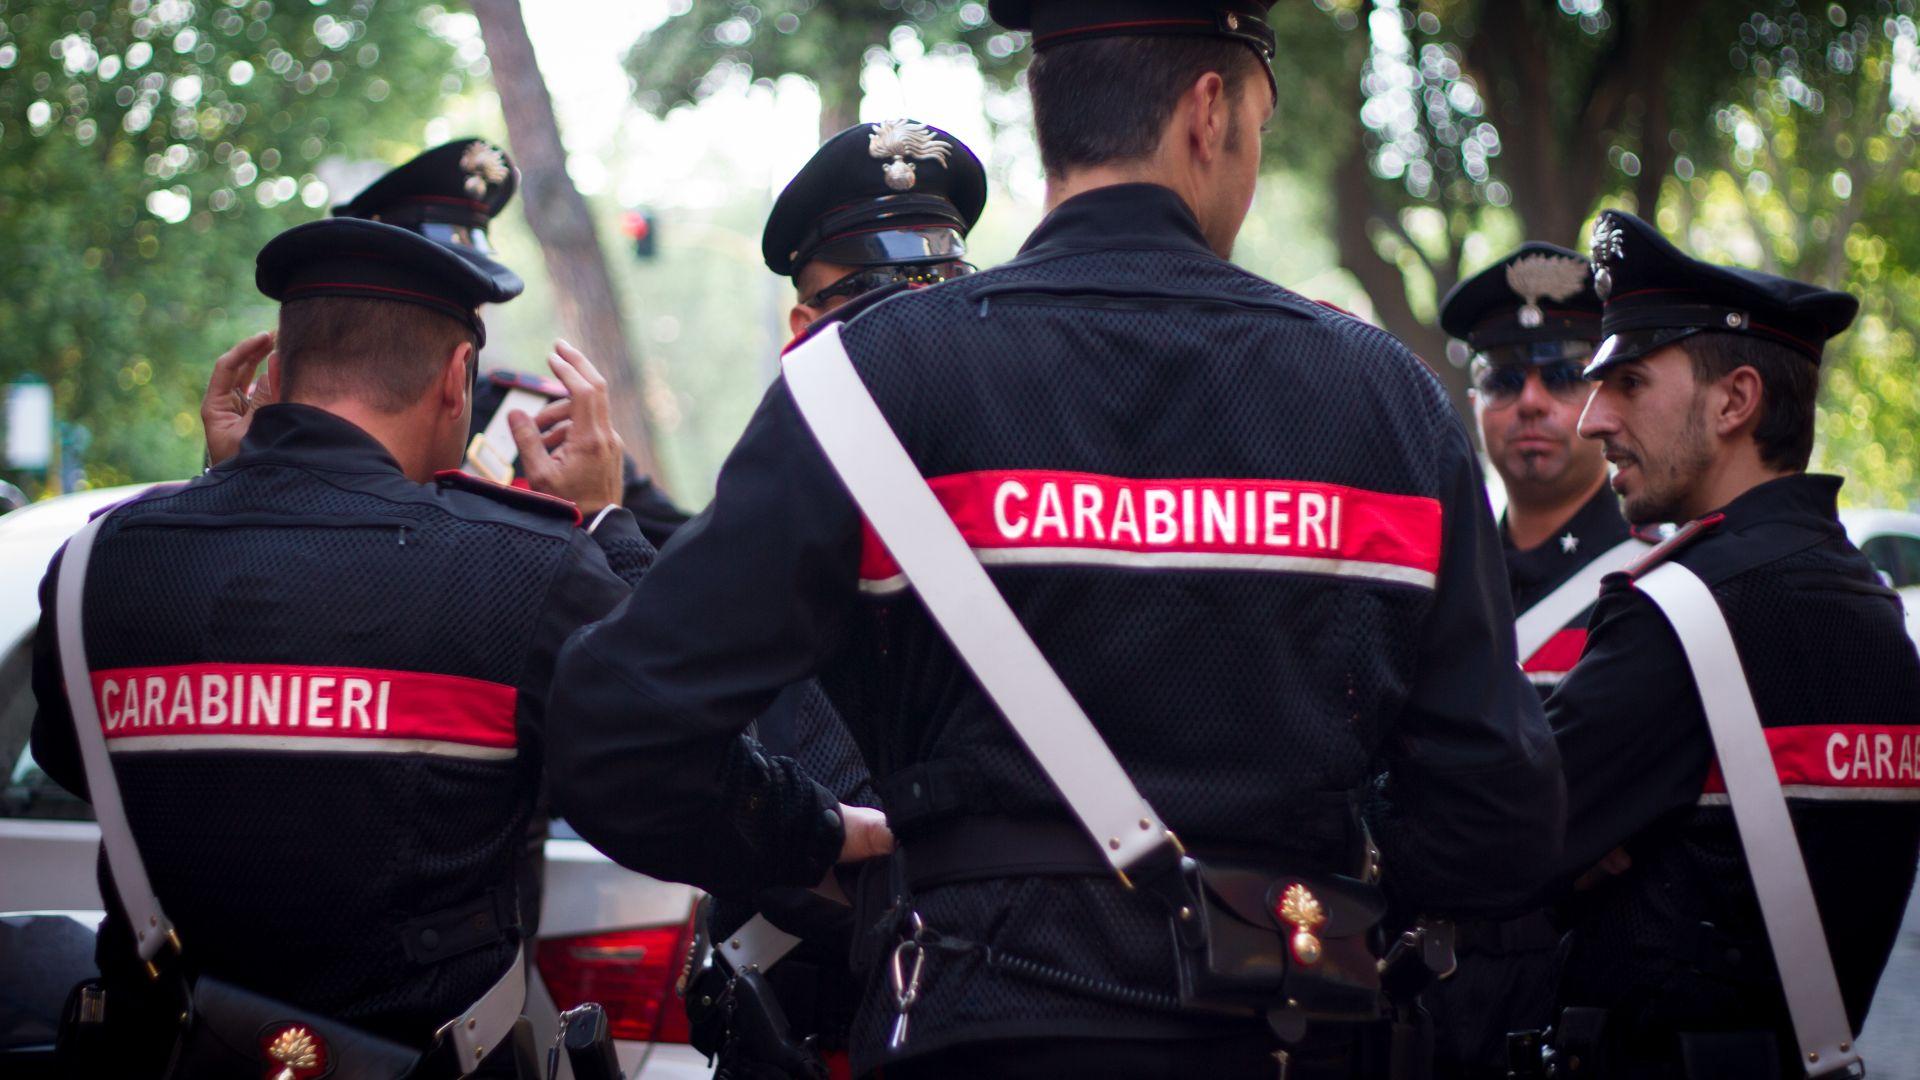 Италианската полиция претърси жилищата на 8 потенциално опасни антиваксъри